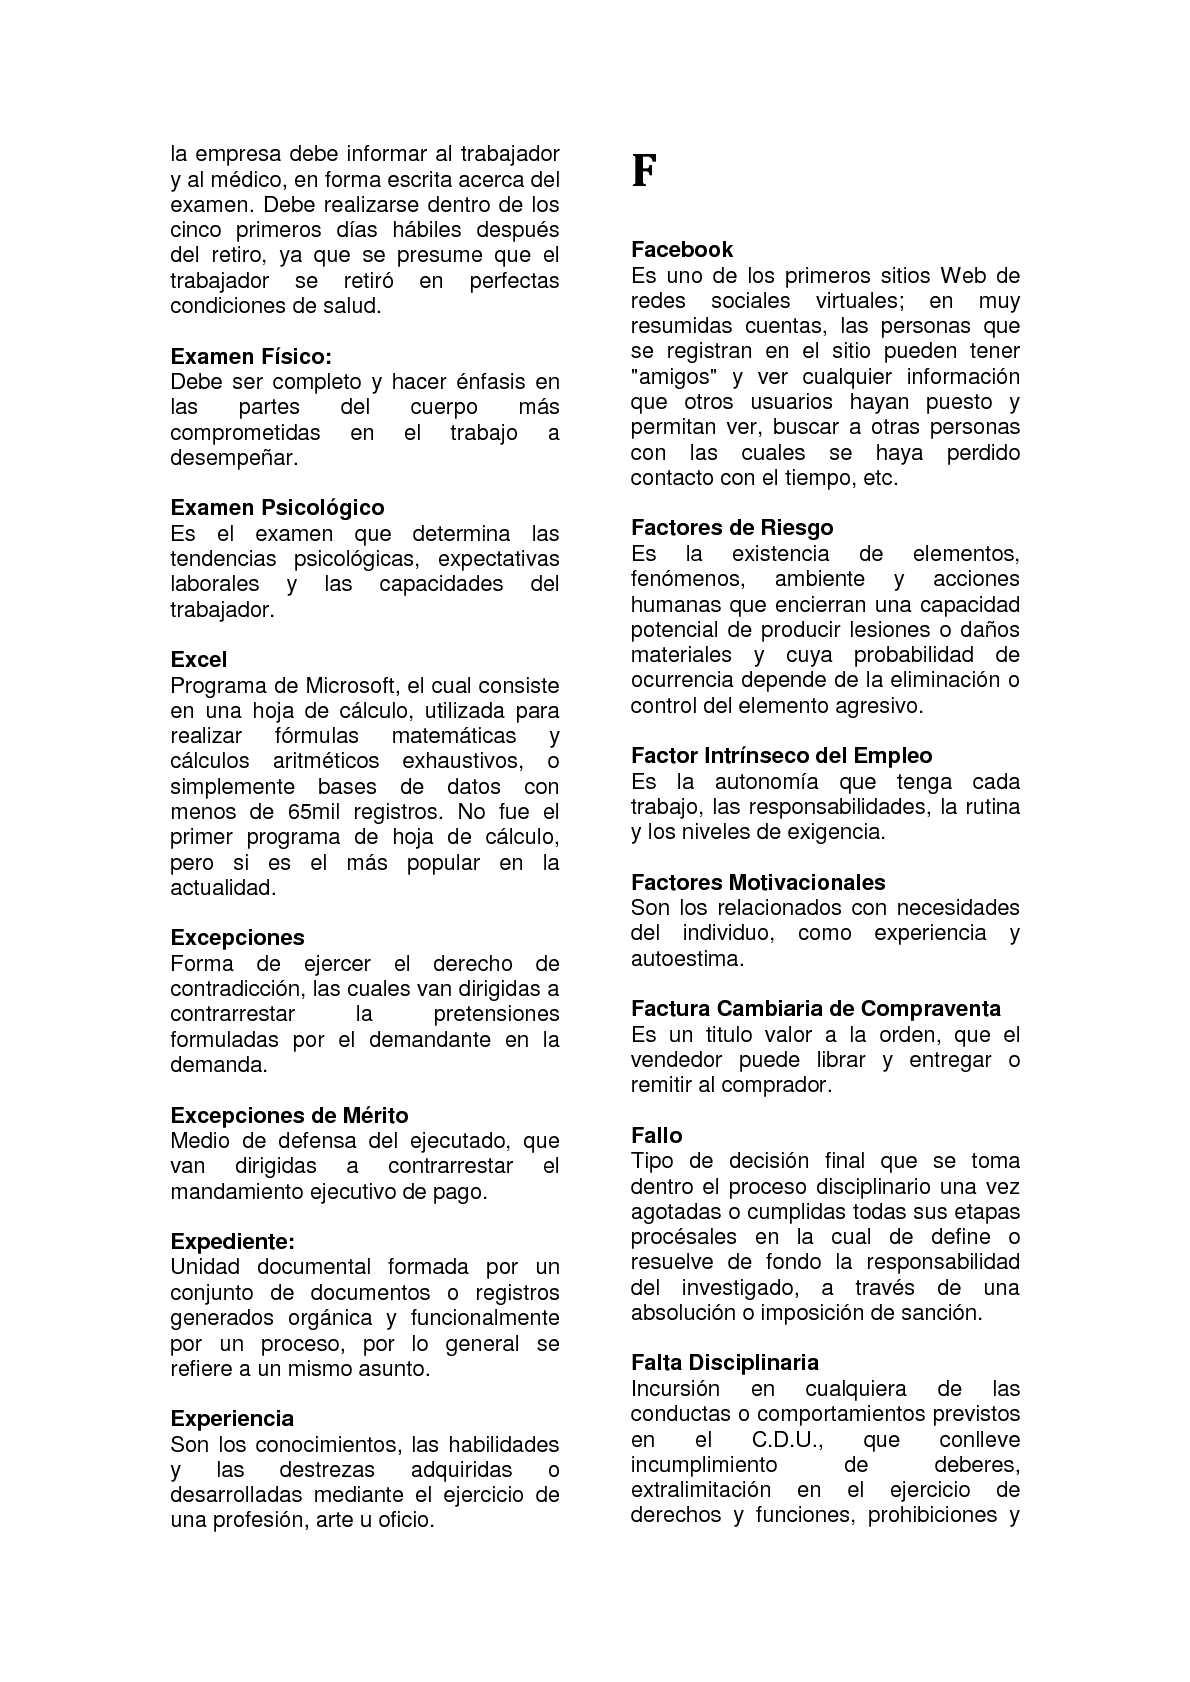 DICCIONARIO DE TERMINOS ADMINISTRATIVOS - CALAMEO Downloader